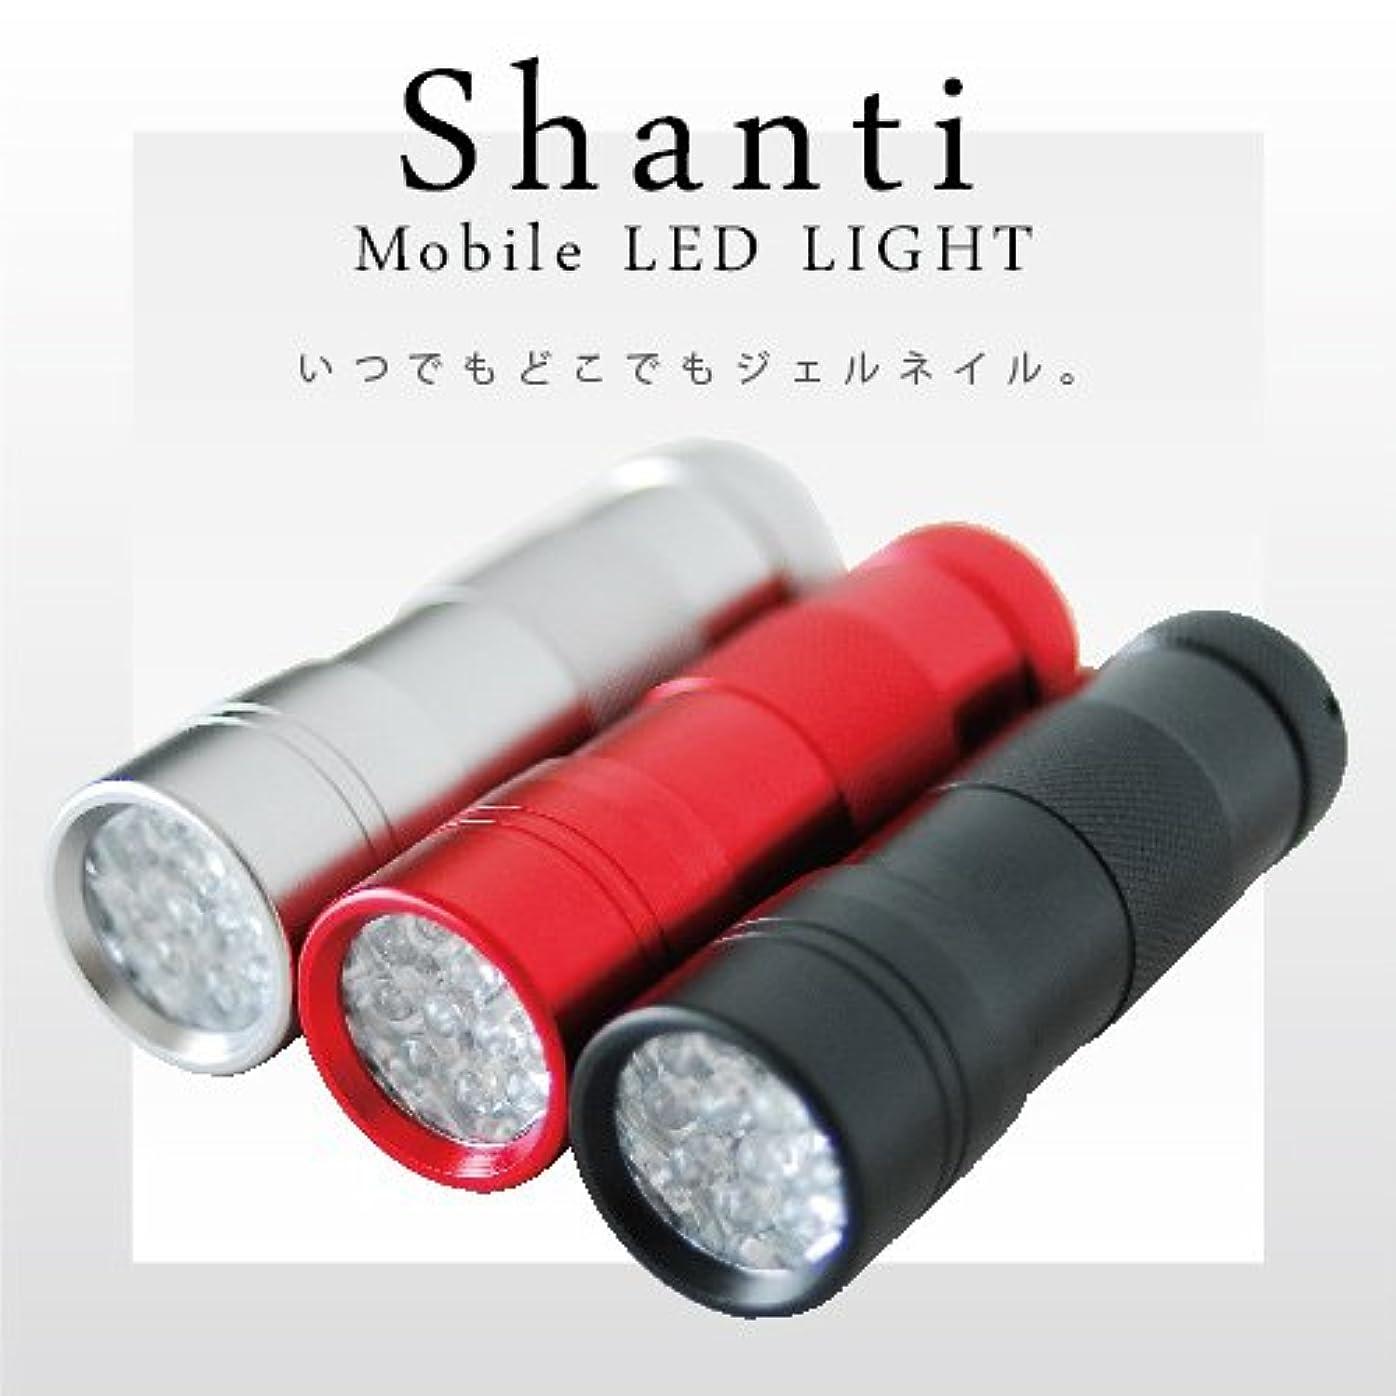 マット見えるハイランドジェルネイル用UVライト ペン型LEDライト Shanti Mobile LED ペン型ポータブルLEDライト カラー:レッド  携帯用ハンドライト